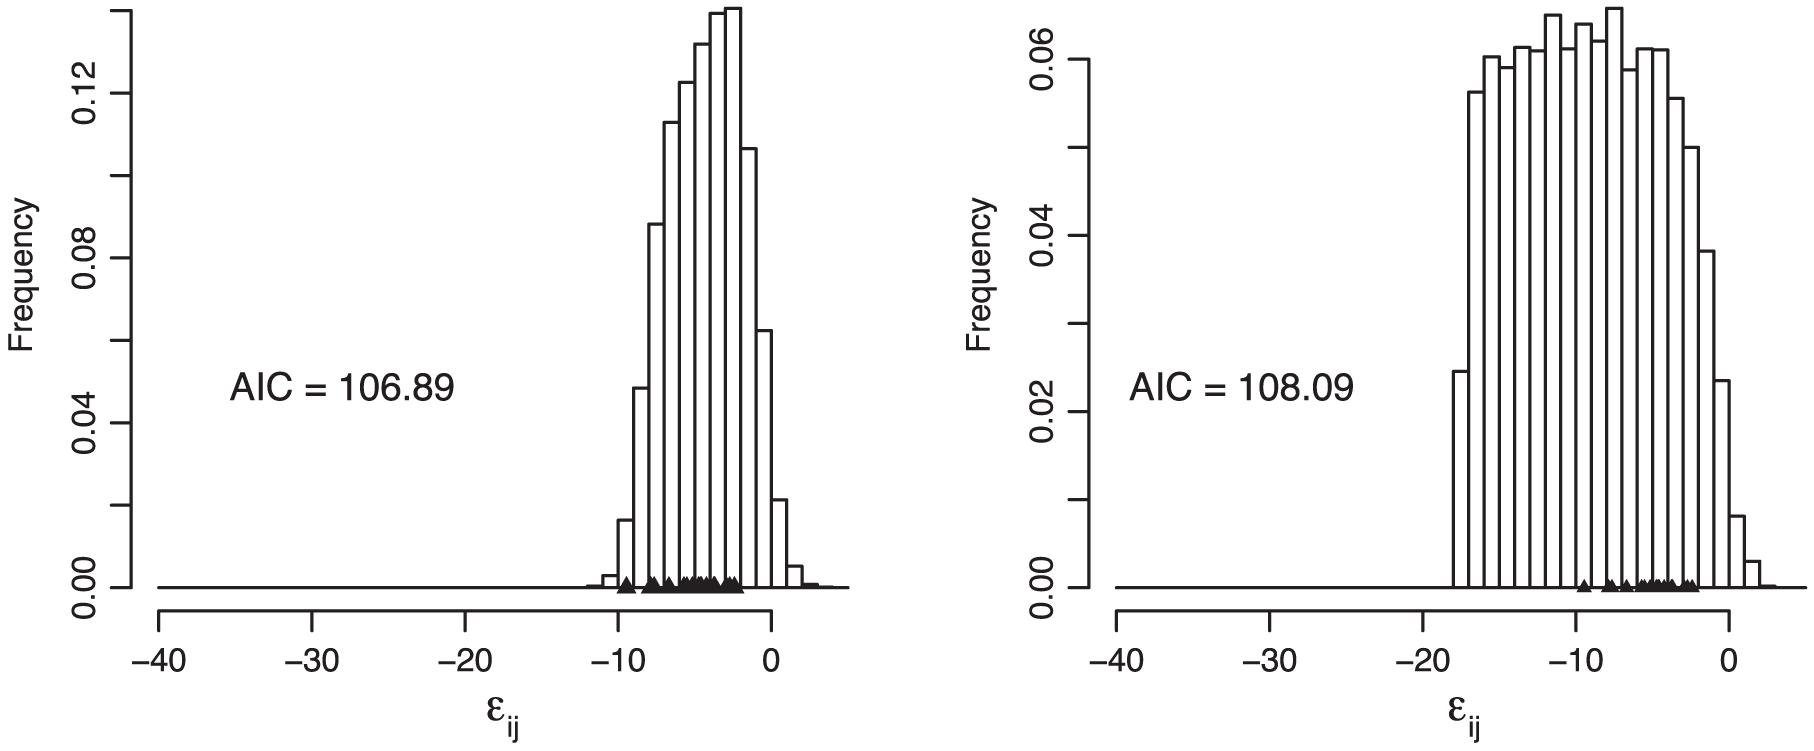 Comparison between the gamma model (left) and the model of Martin et al. <em class=&quot;ref&quot;>[<b>40</b>]</em> (right).